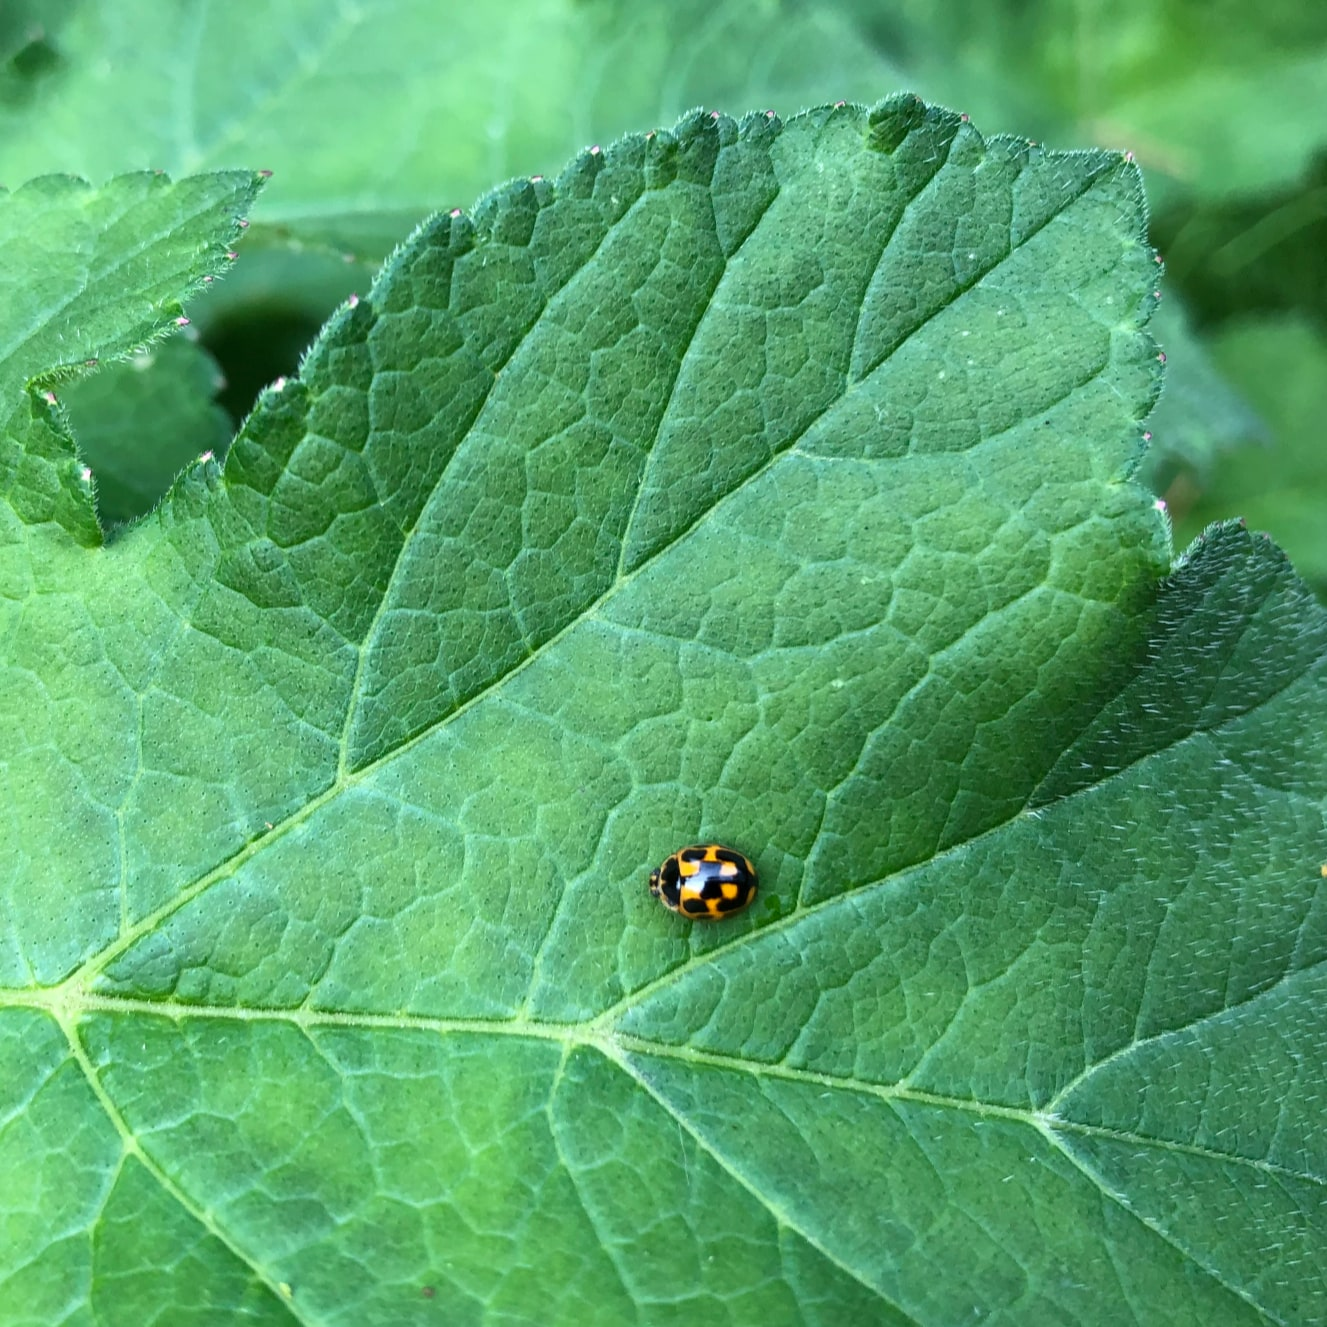 14 spot UK ladybird